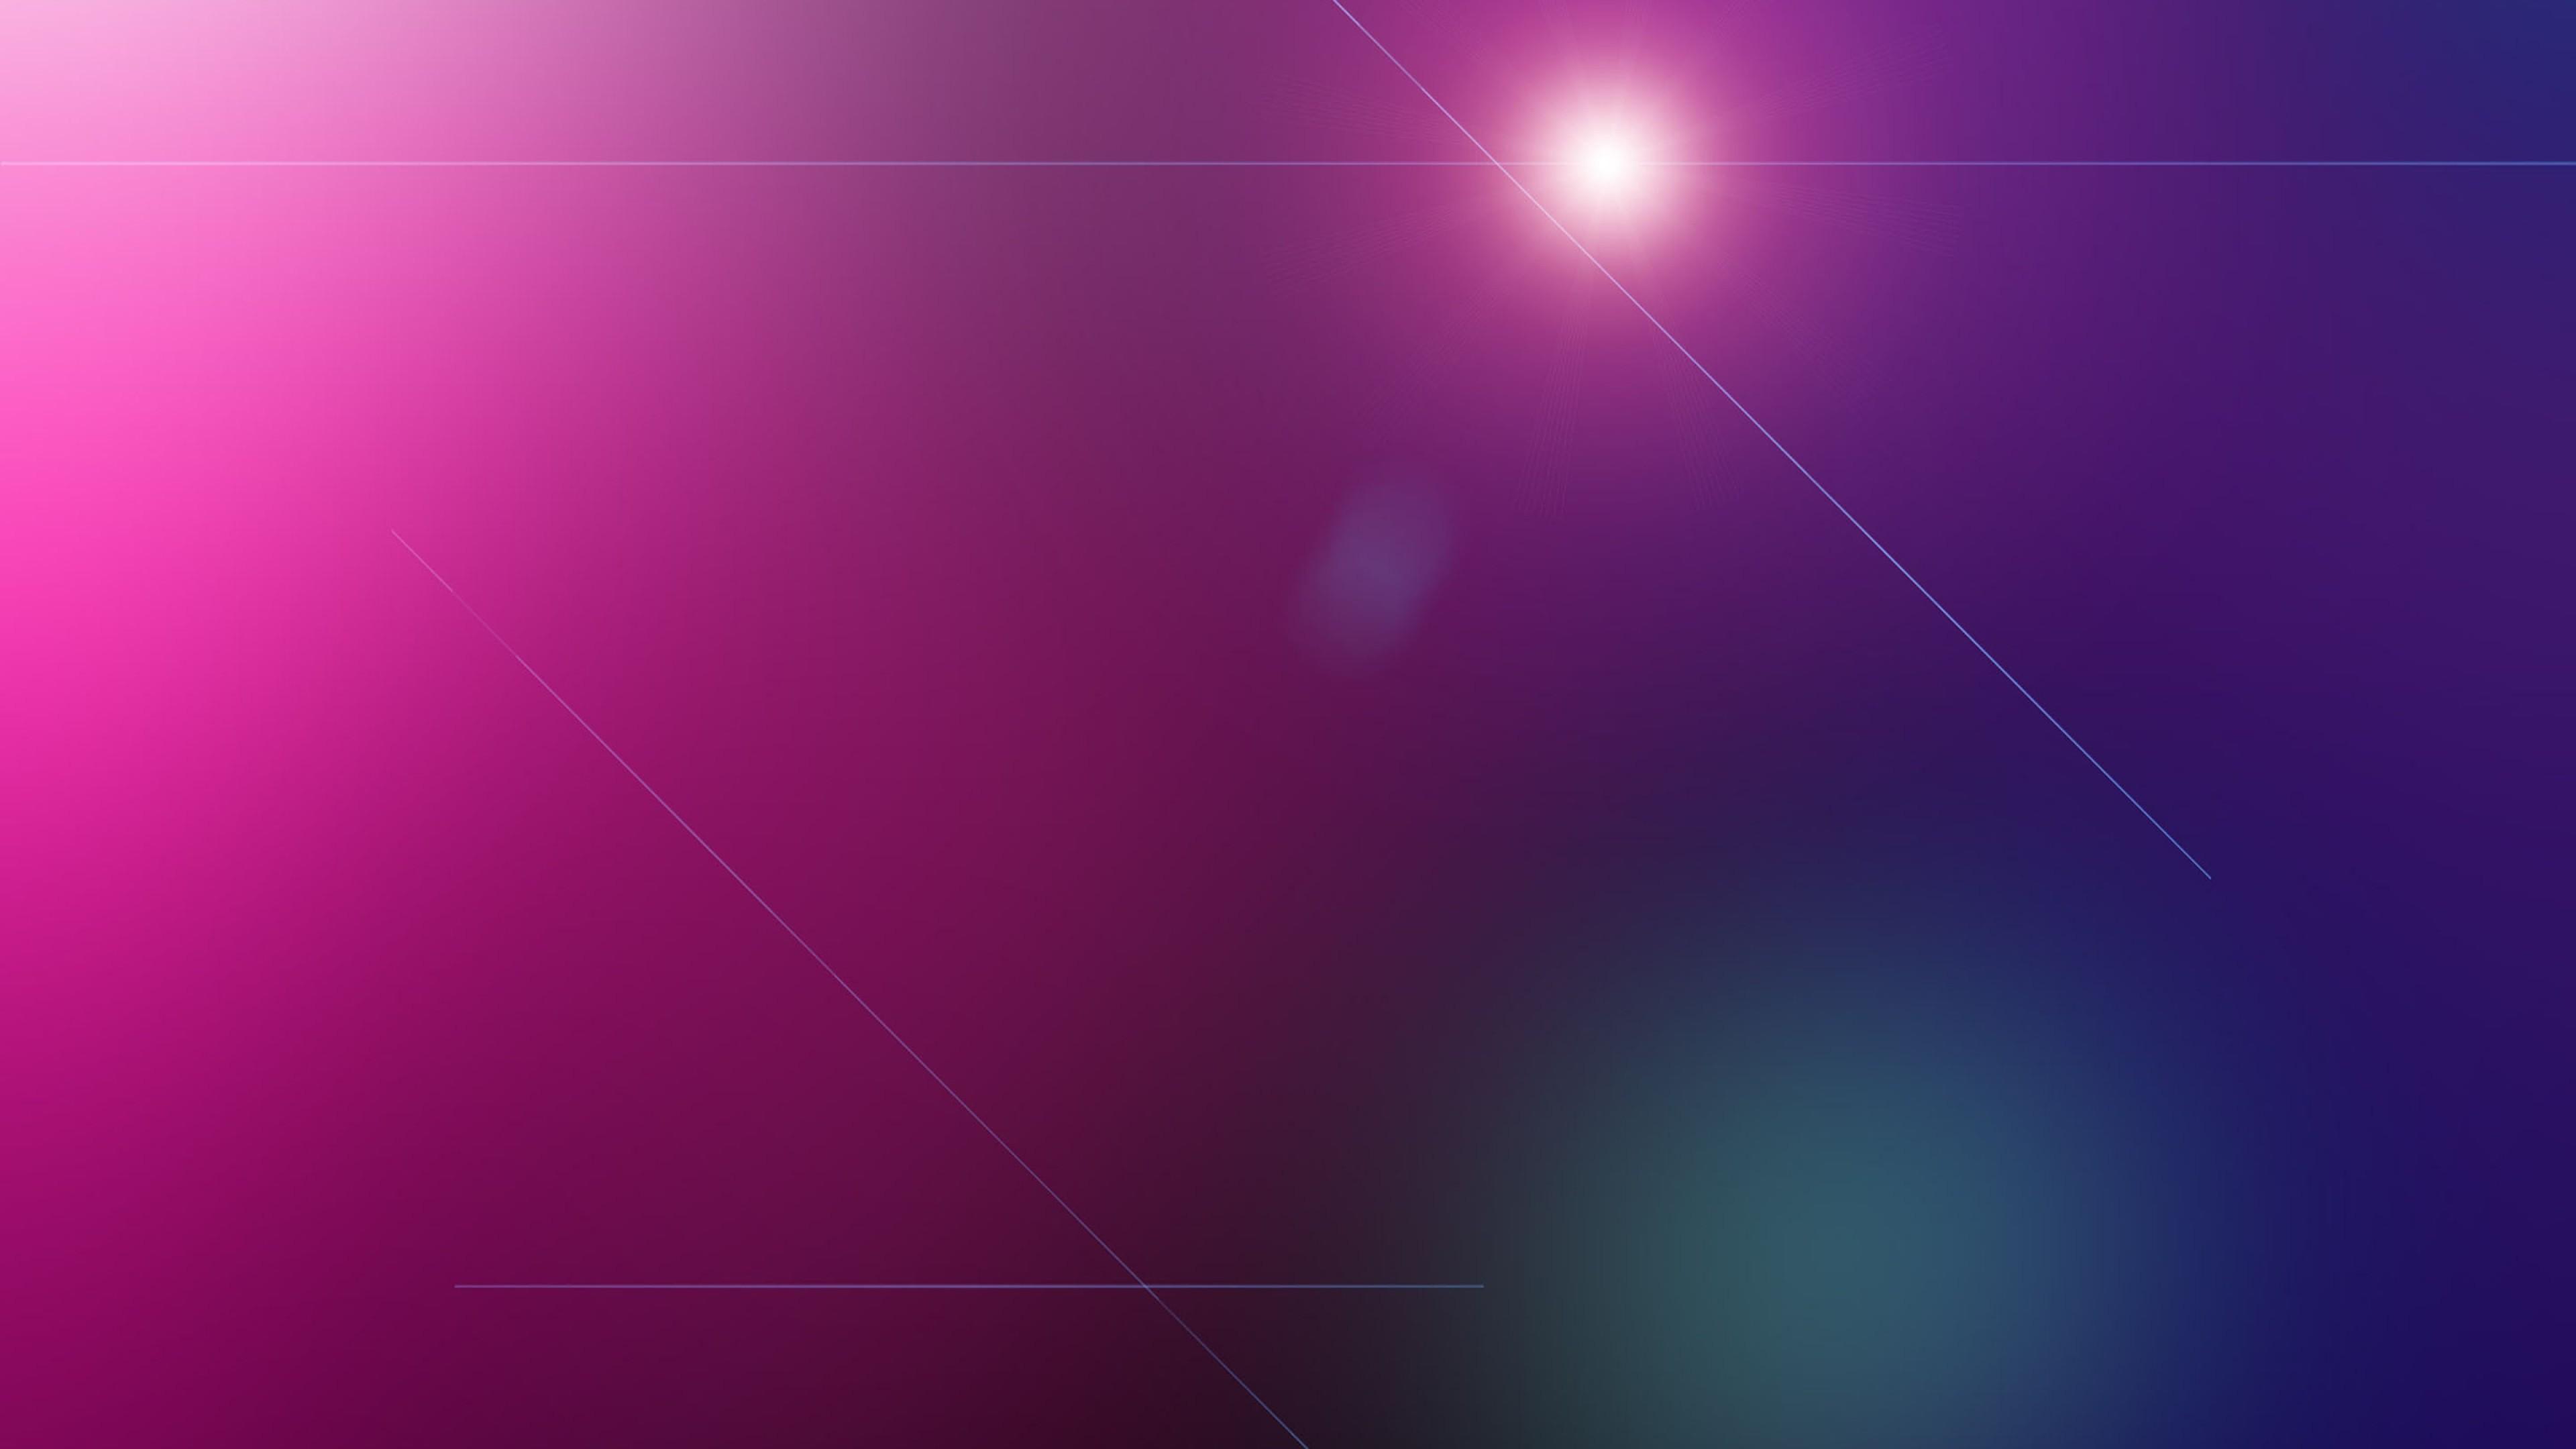 Розово-малиновый и темно-зеленый фон со сверкающим белым пятном